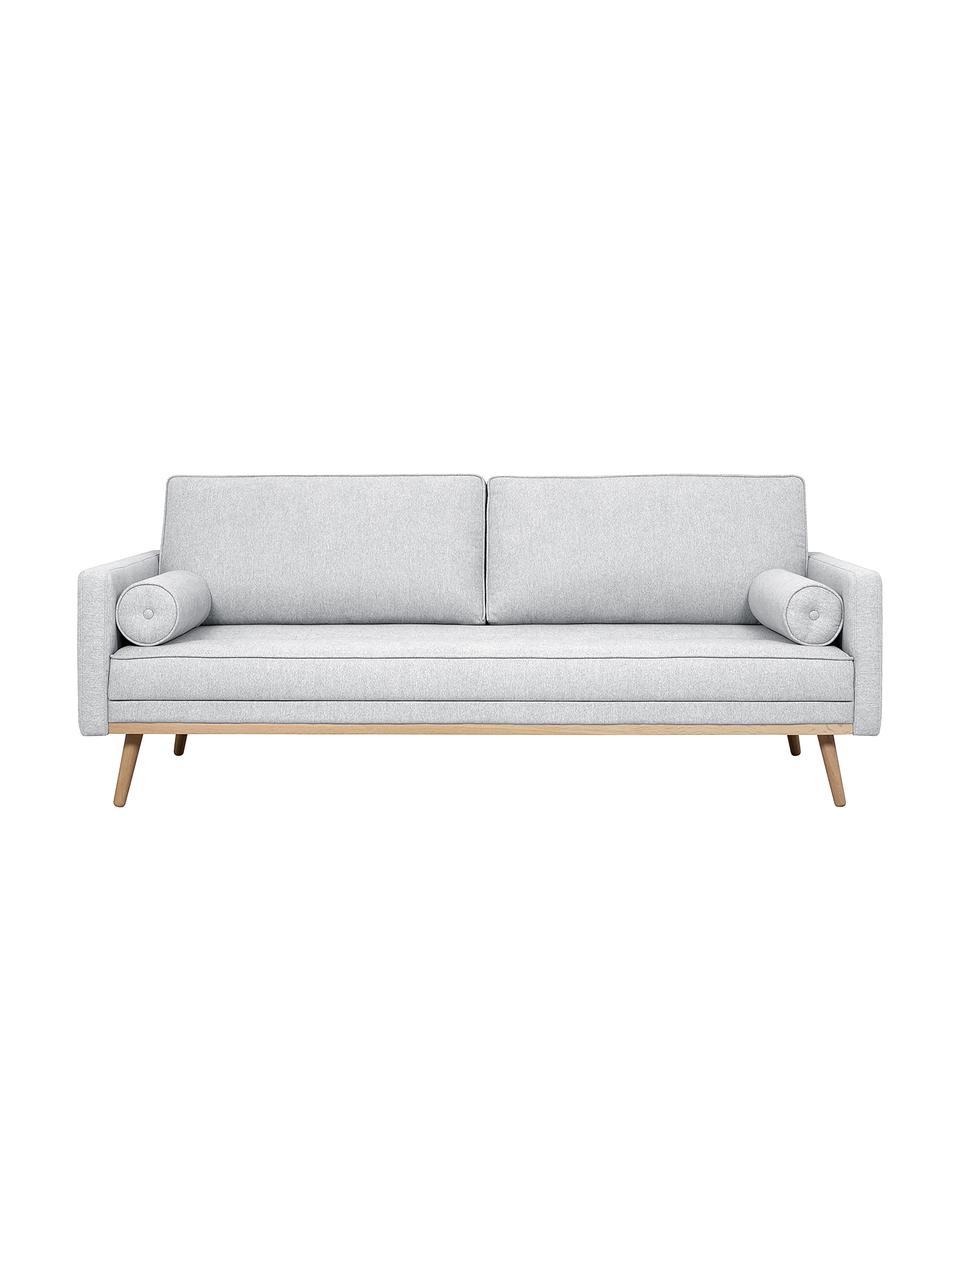 Sofa z nogami z drewna dębowego Saint (3-osobowa), Tapicerka: poliester Dzięki tkaninie, Jasny szary, S 210 x G 93 cm